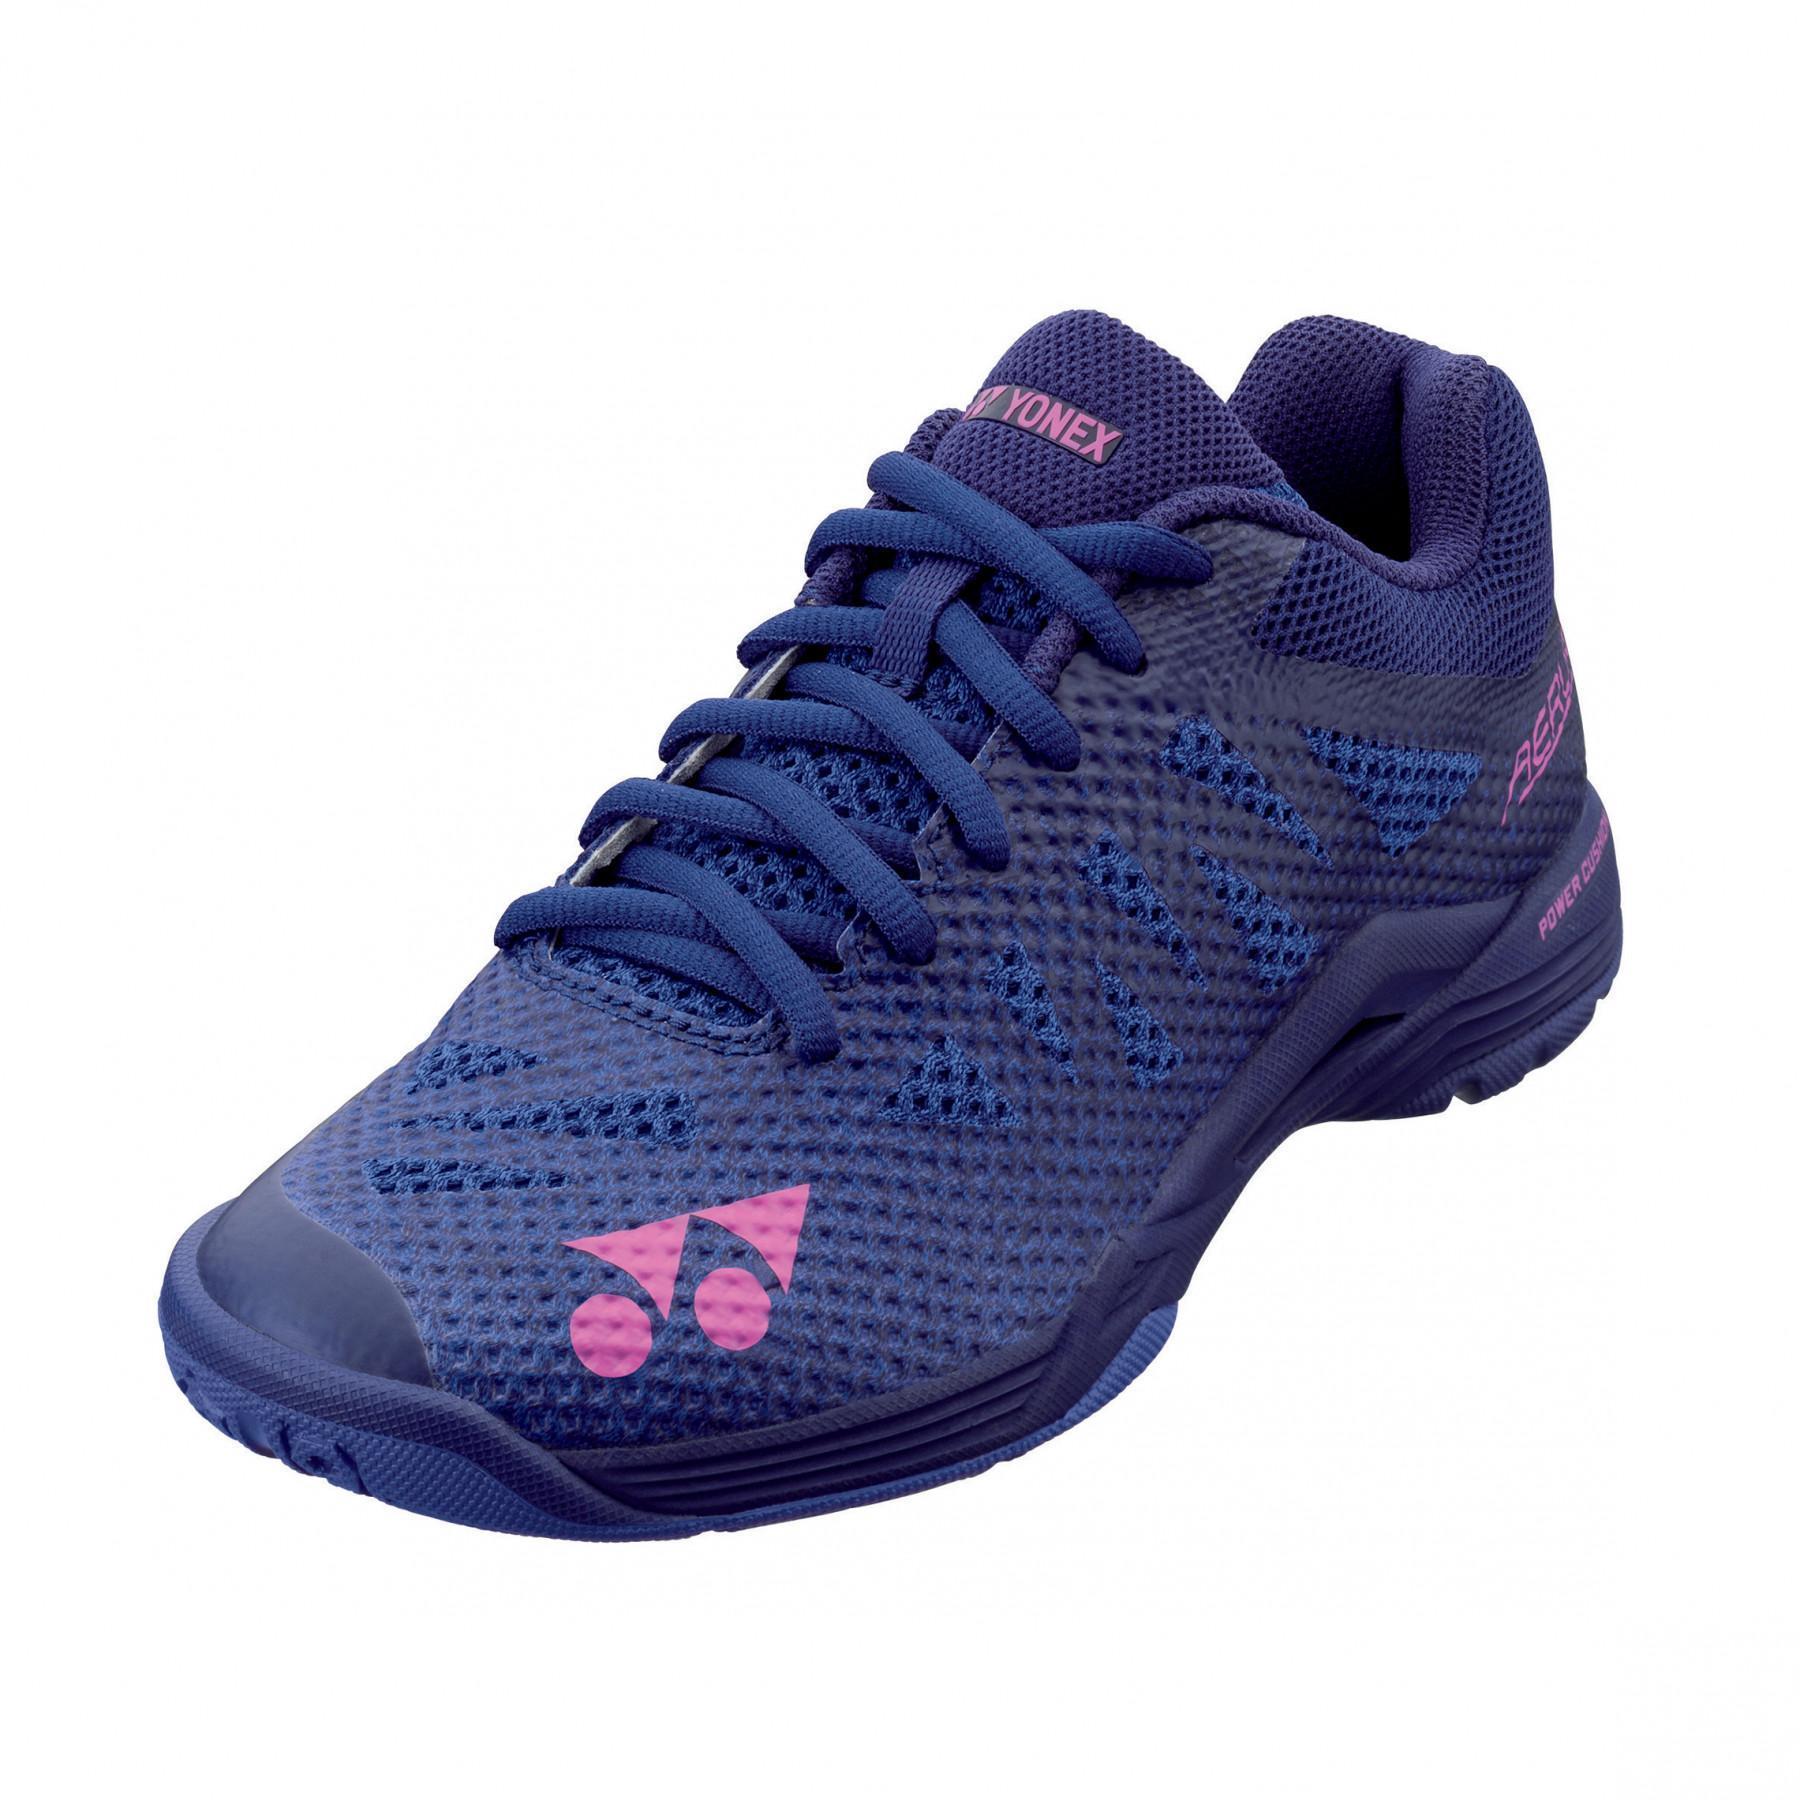 Women's shoes Yonex Power Cushion Aerus 3